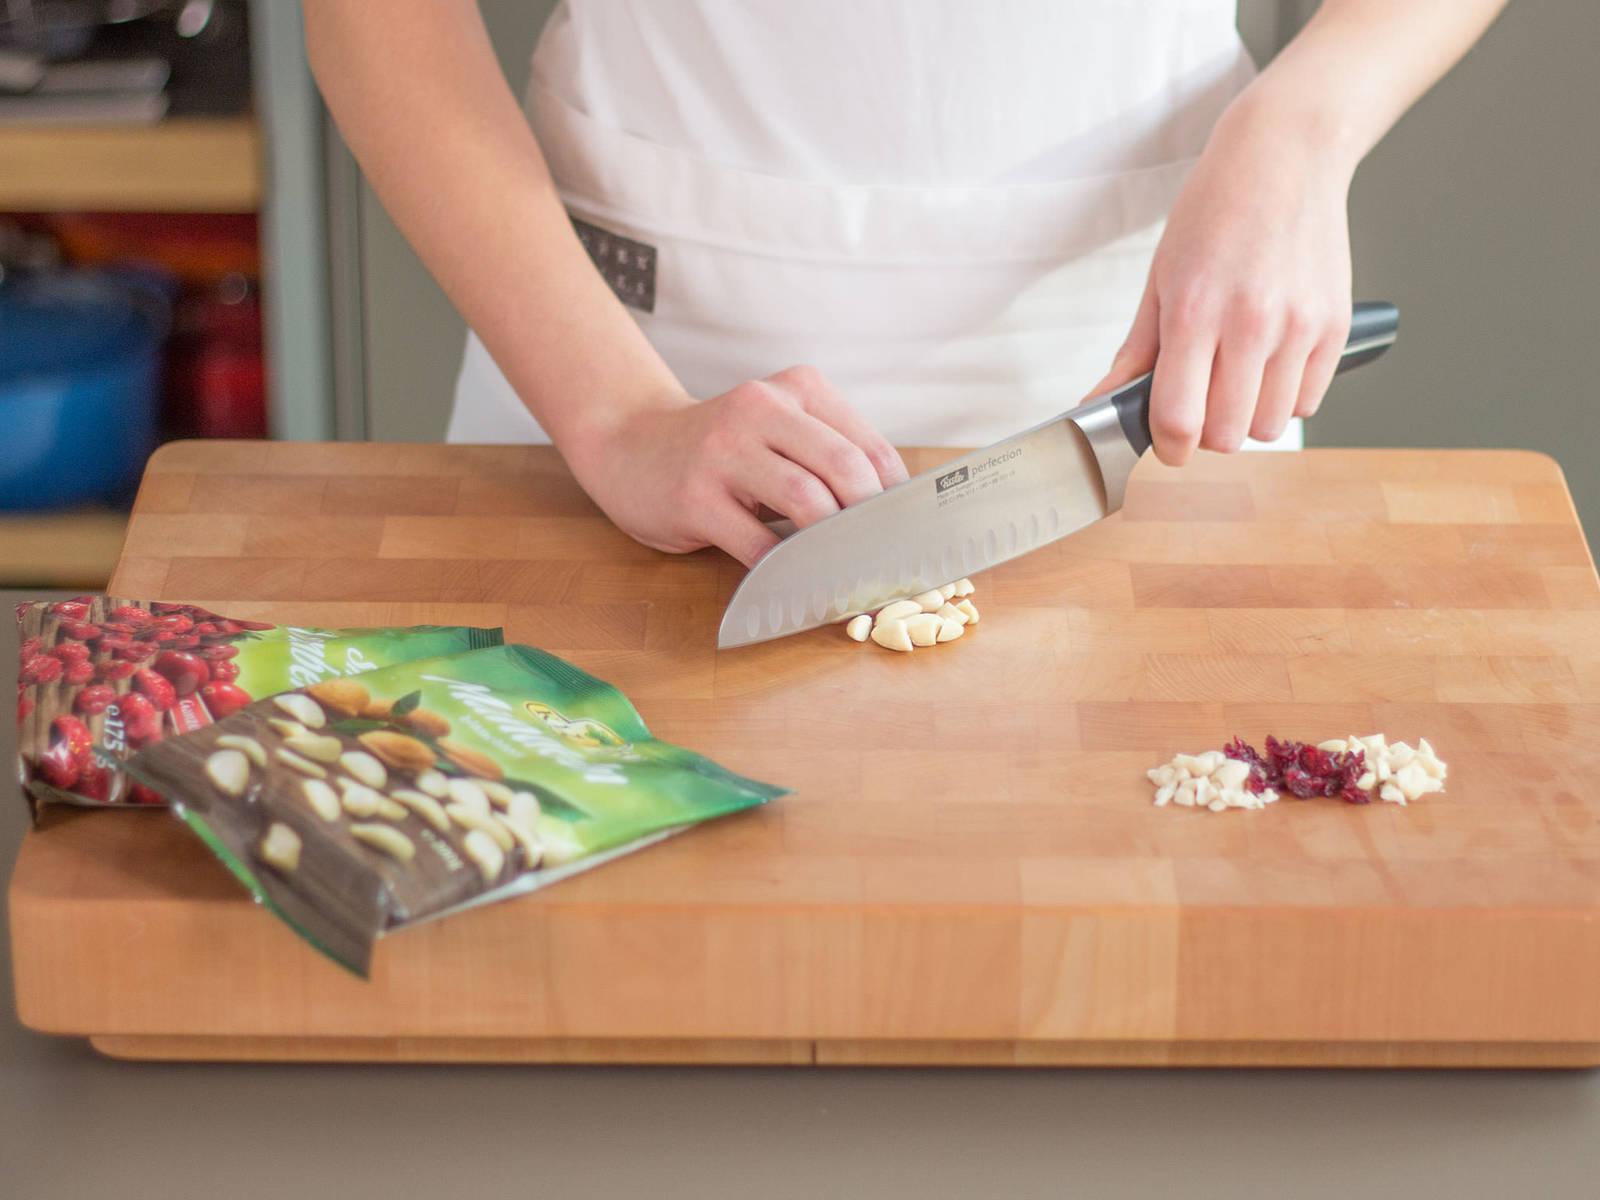 将烤箱预热至180度。大略切碎蔓越橘干、杏仁和花生。